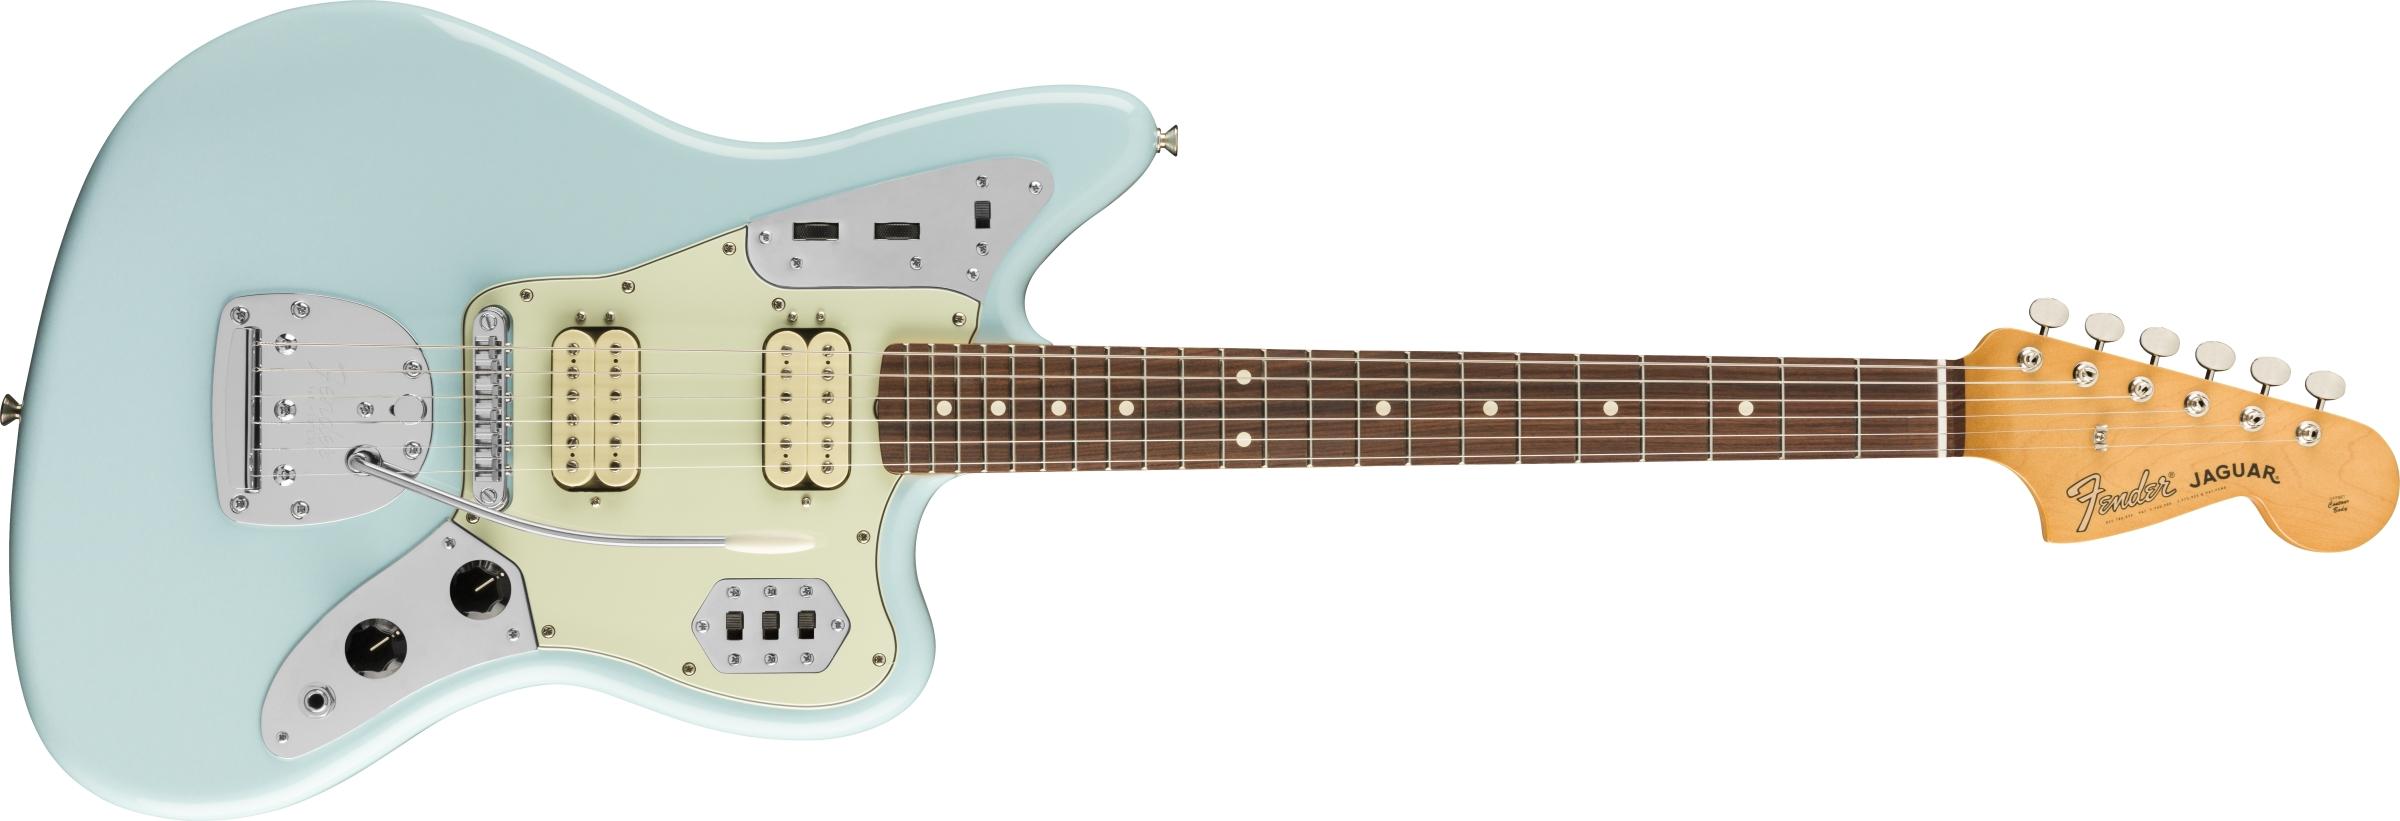 Vintera® '60s Jaguar® Modified HH | Electric GuitarsShop Fender